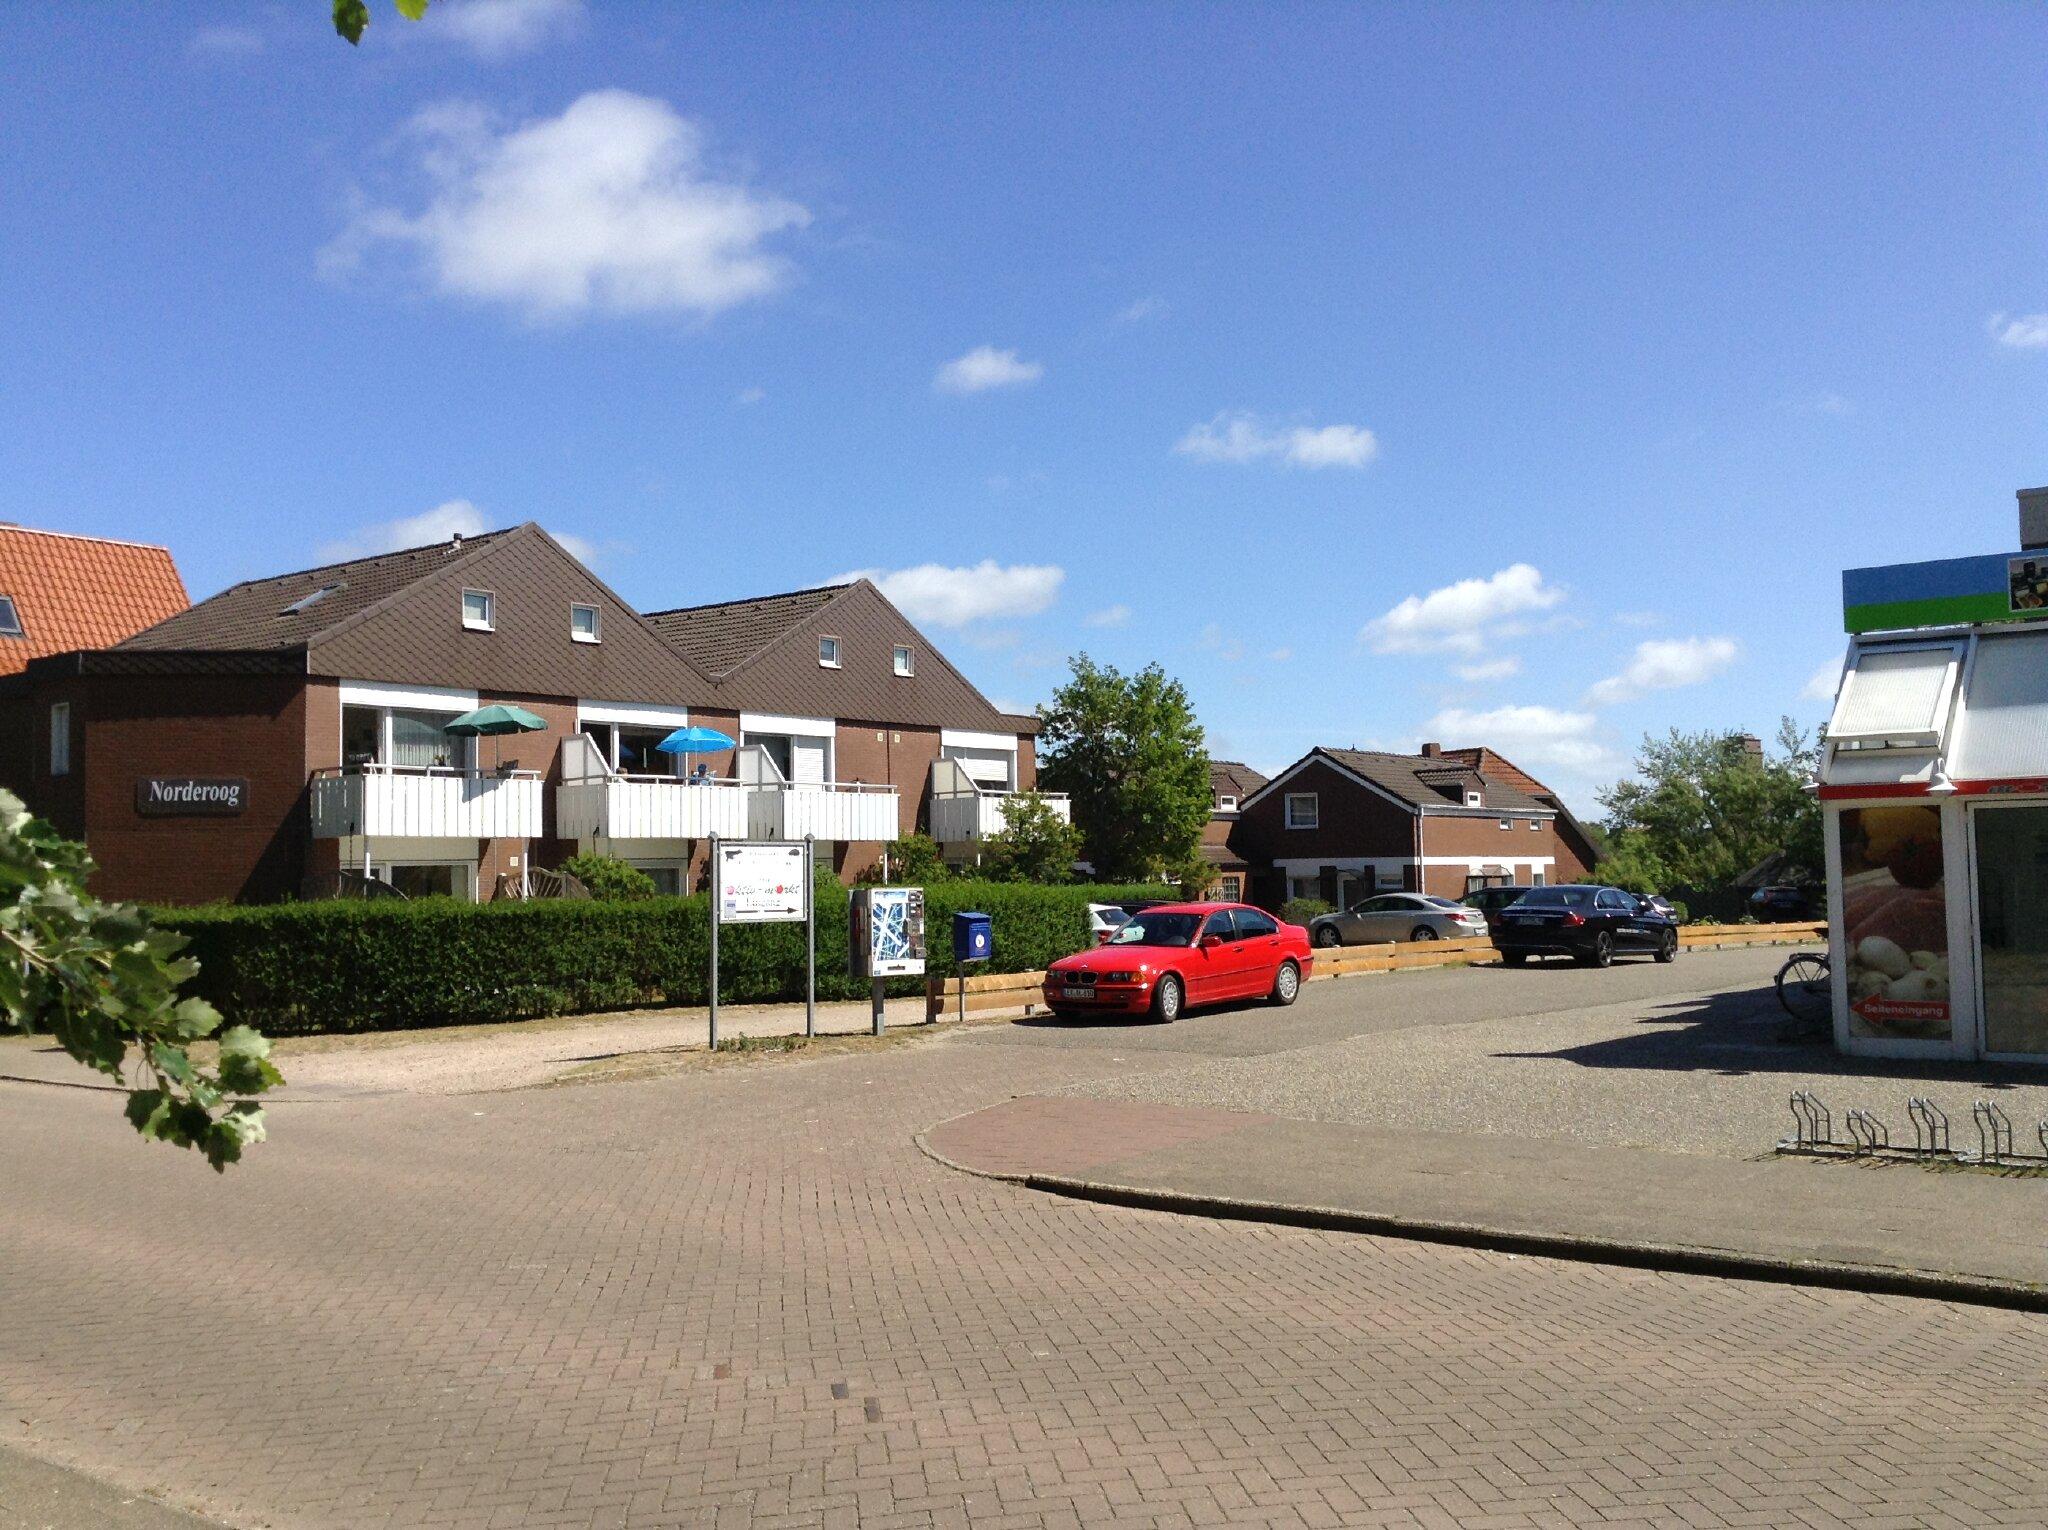 Detailbild von Haus Norderoog - Ferienwohnung 60 qm